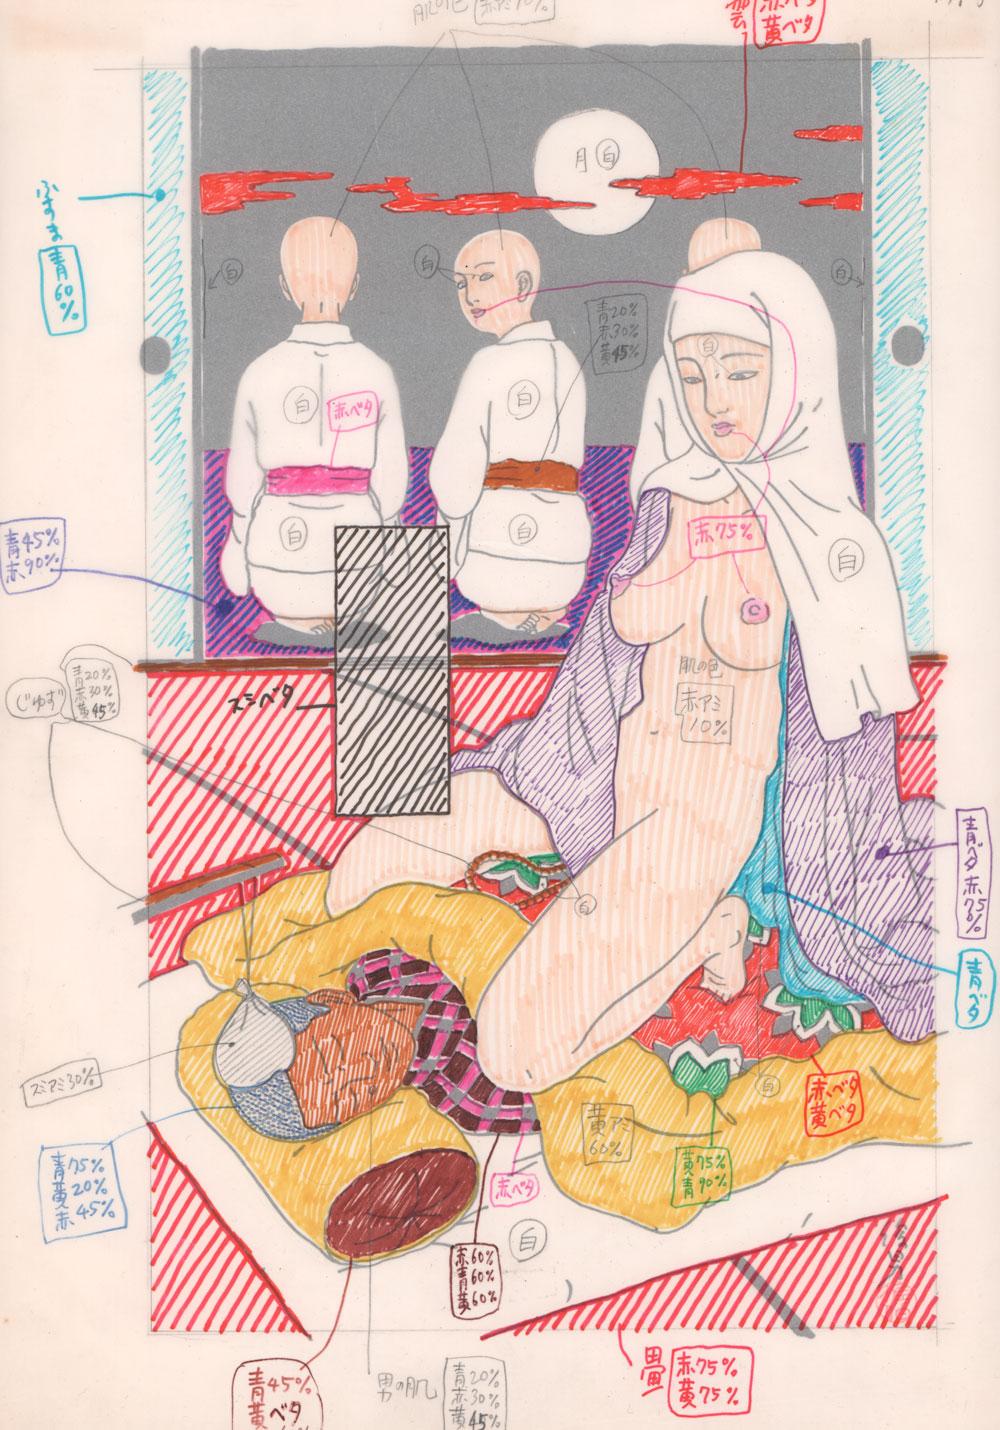 Toshio SaekiIronenbutsu, 1977Ink on vellum.11.75 x 16 in. unframed